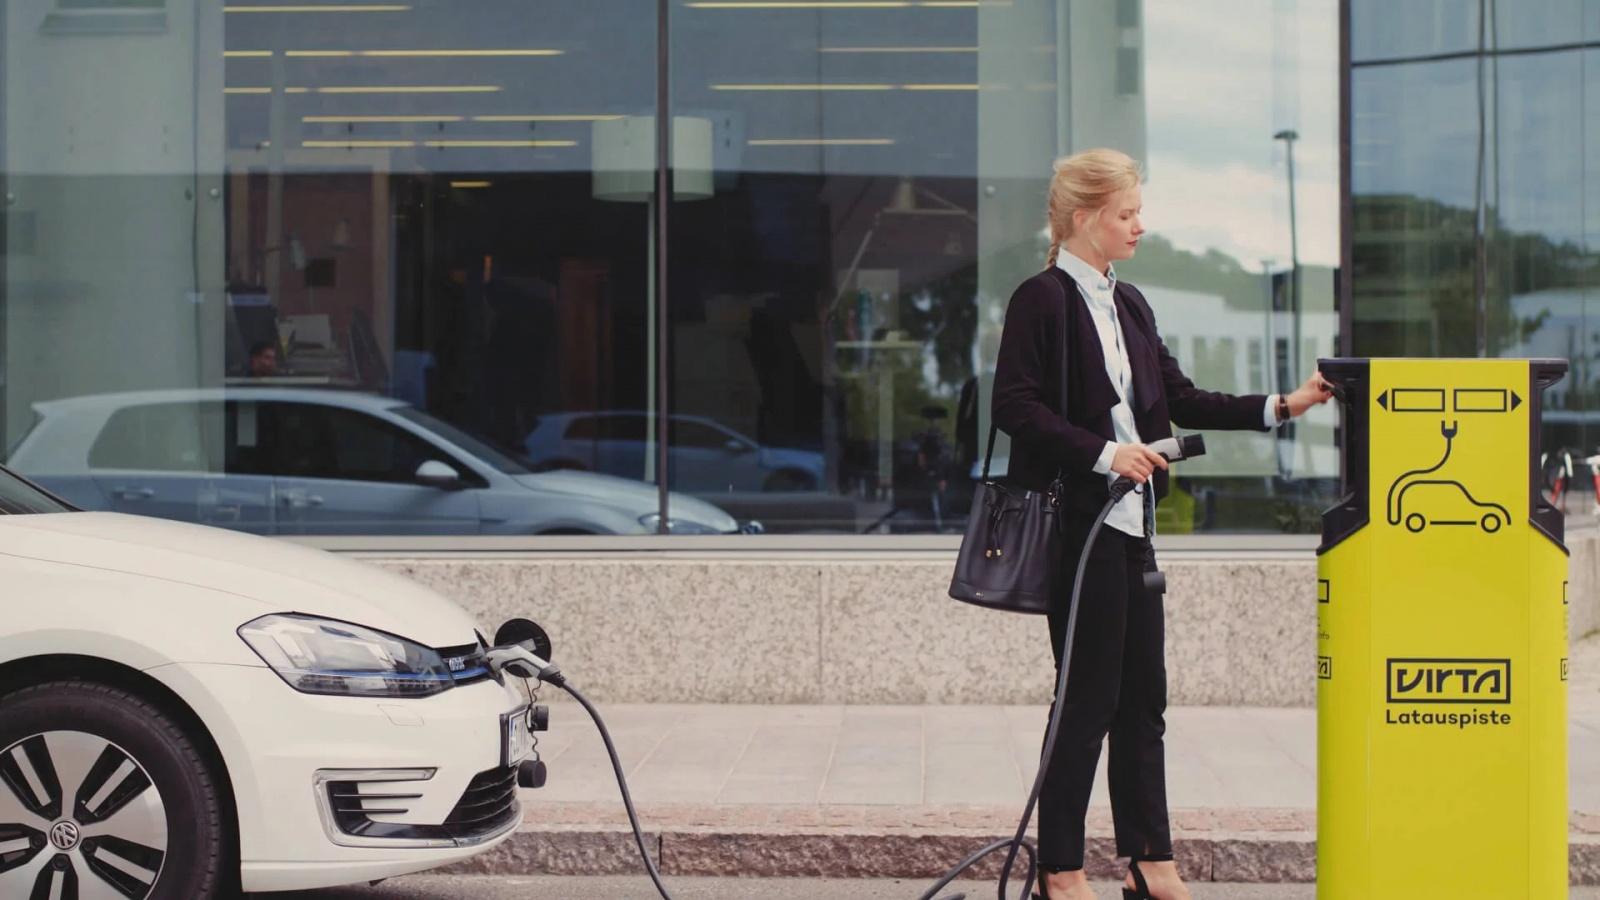 V2G. Электромобили помогут балансировать производство и потребление электроэнергии - 1